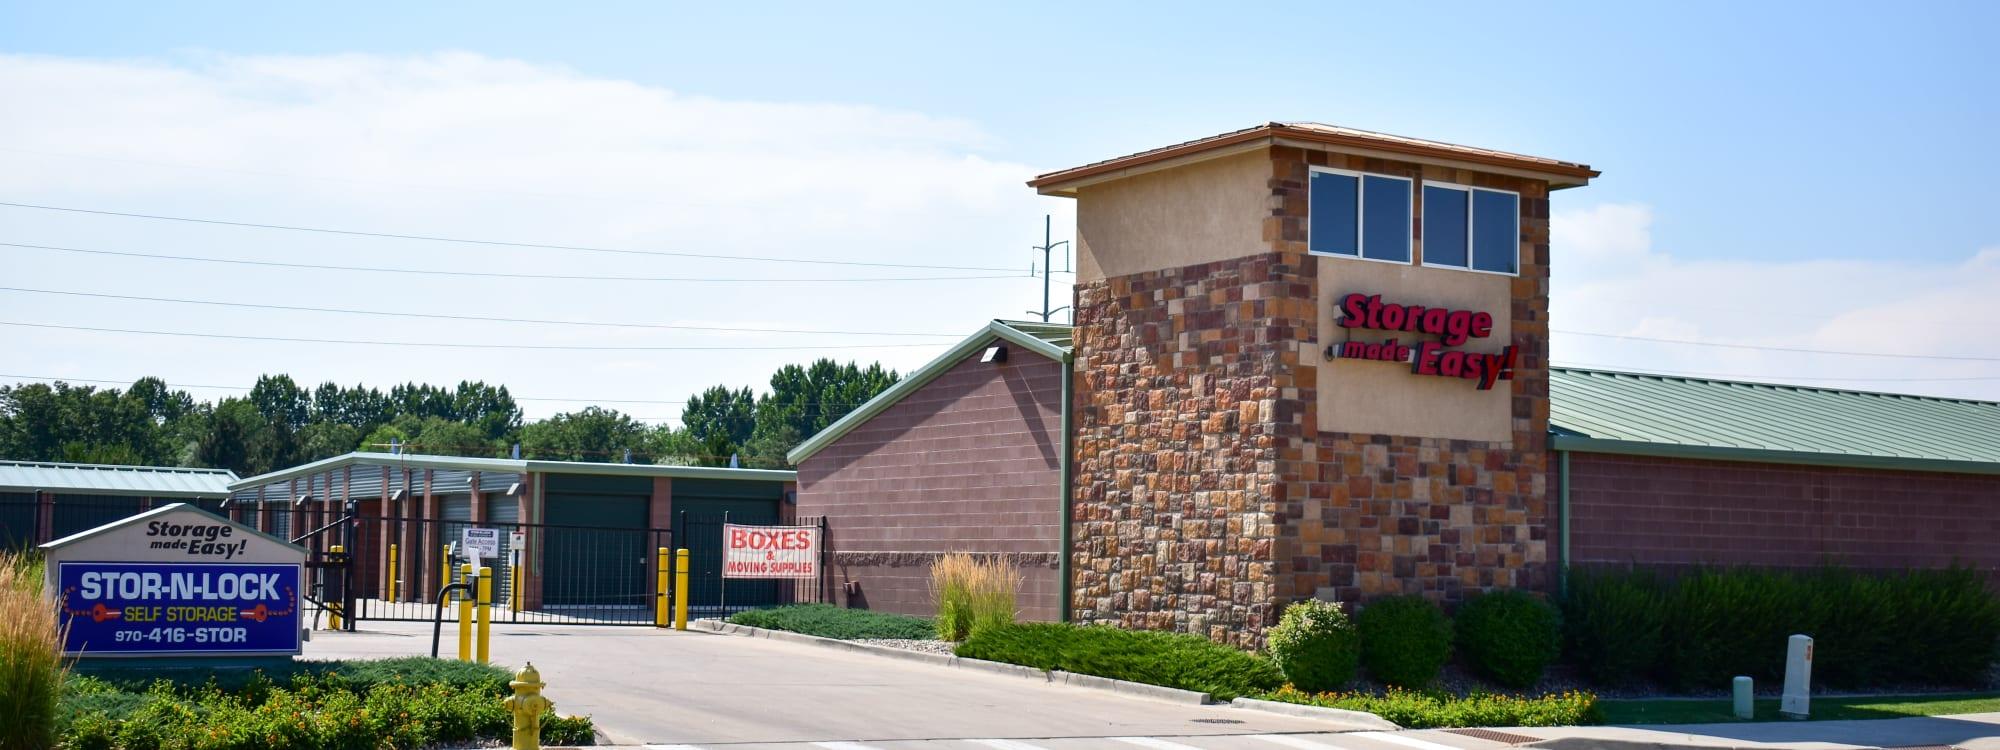 STOR-N-LOCK Self Storage in Fort Collins, Colorado